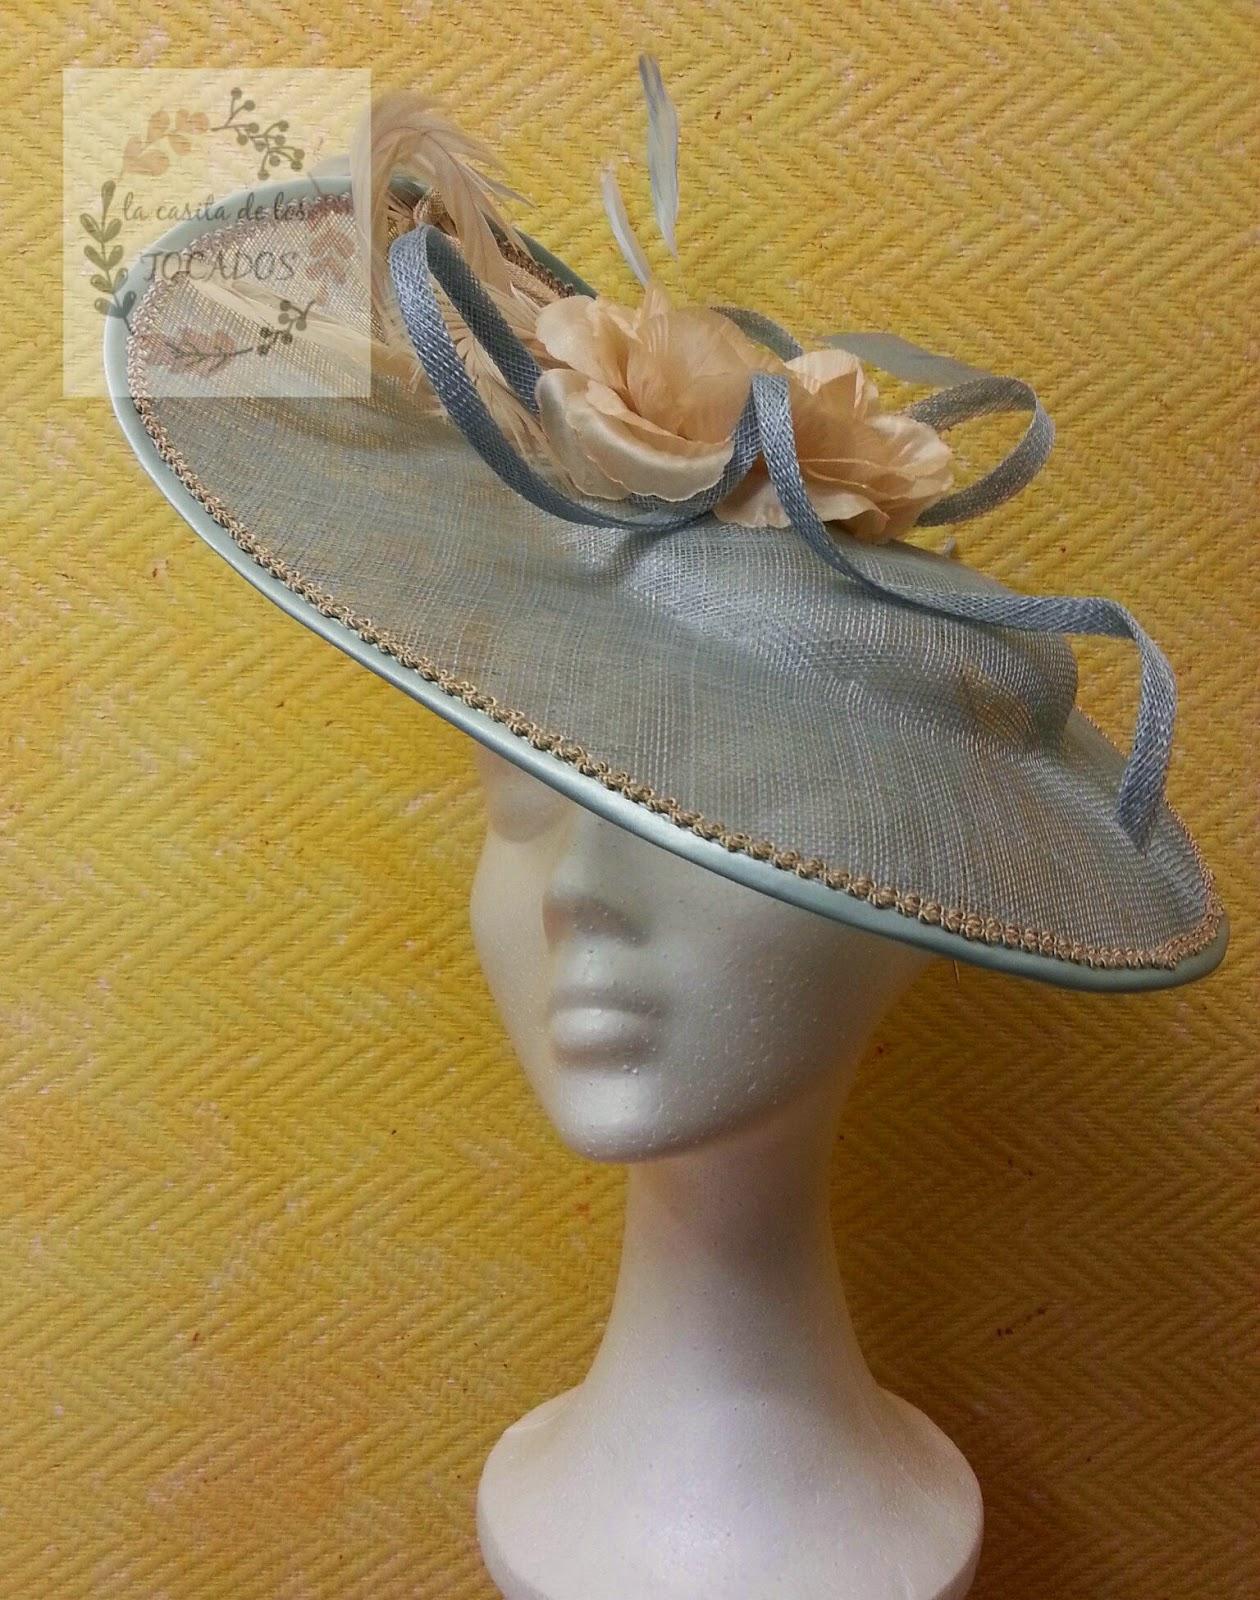 pamela para boda de mañana en colores azul cielo y beige de tamaño aproximado de 38 cm